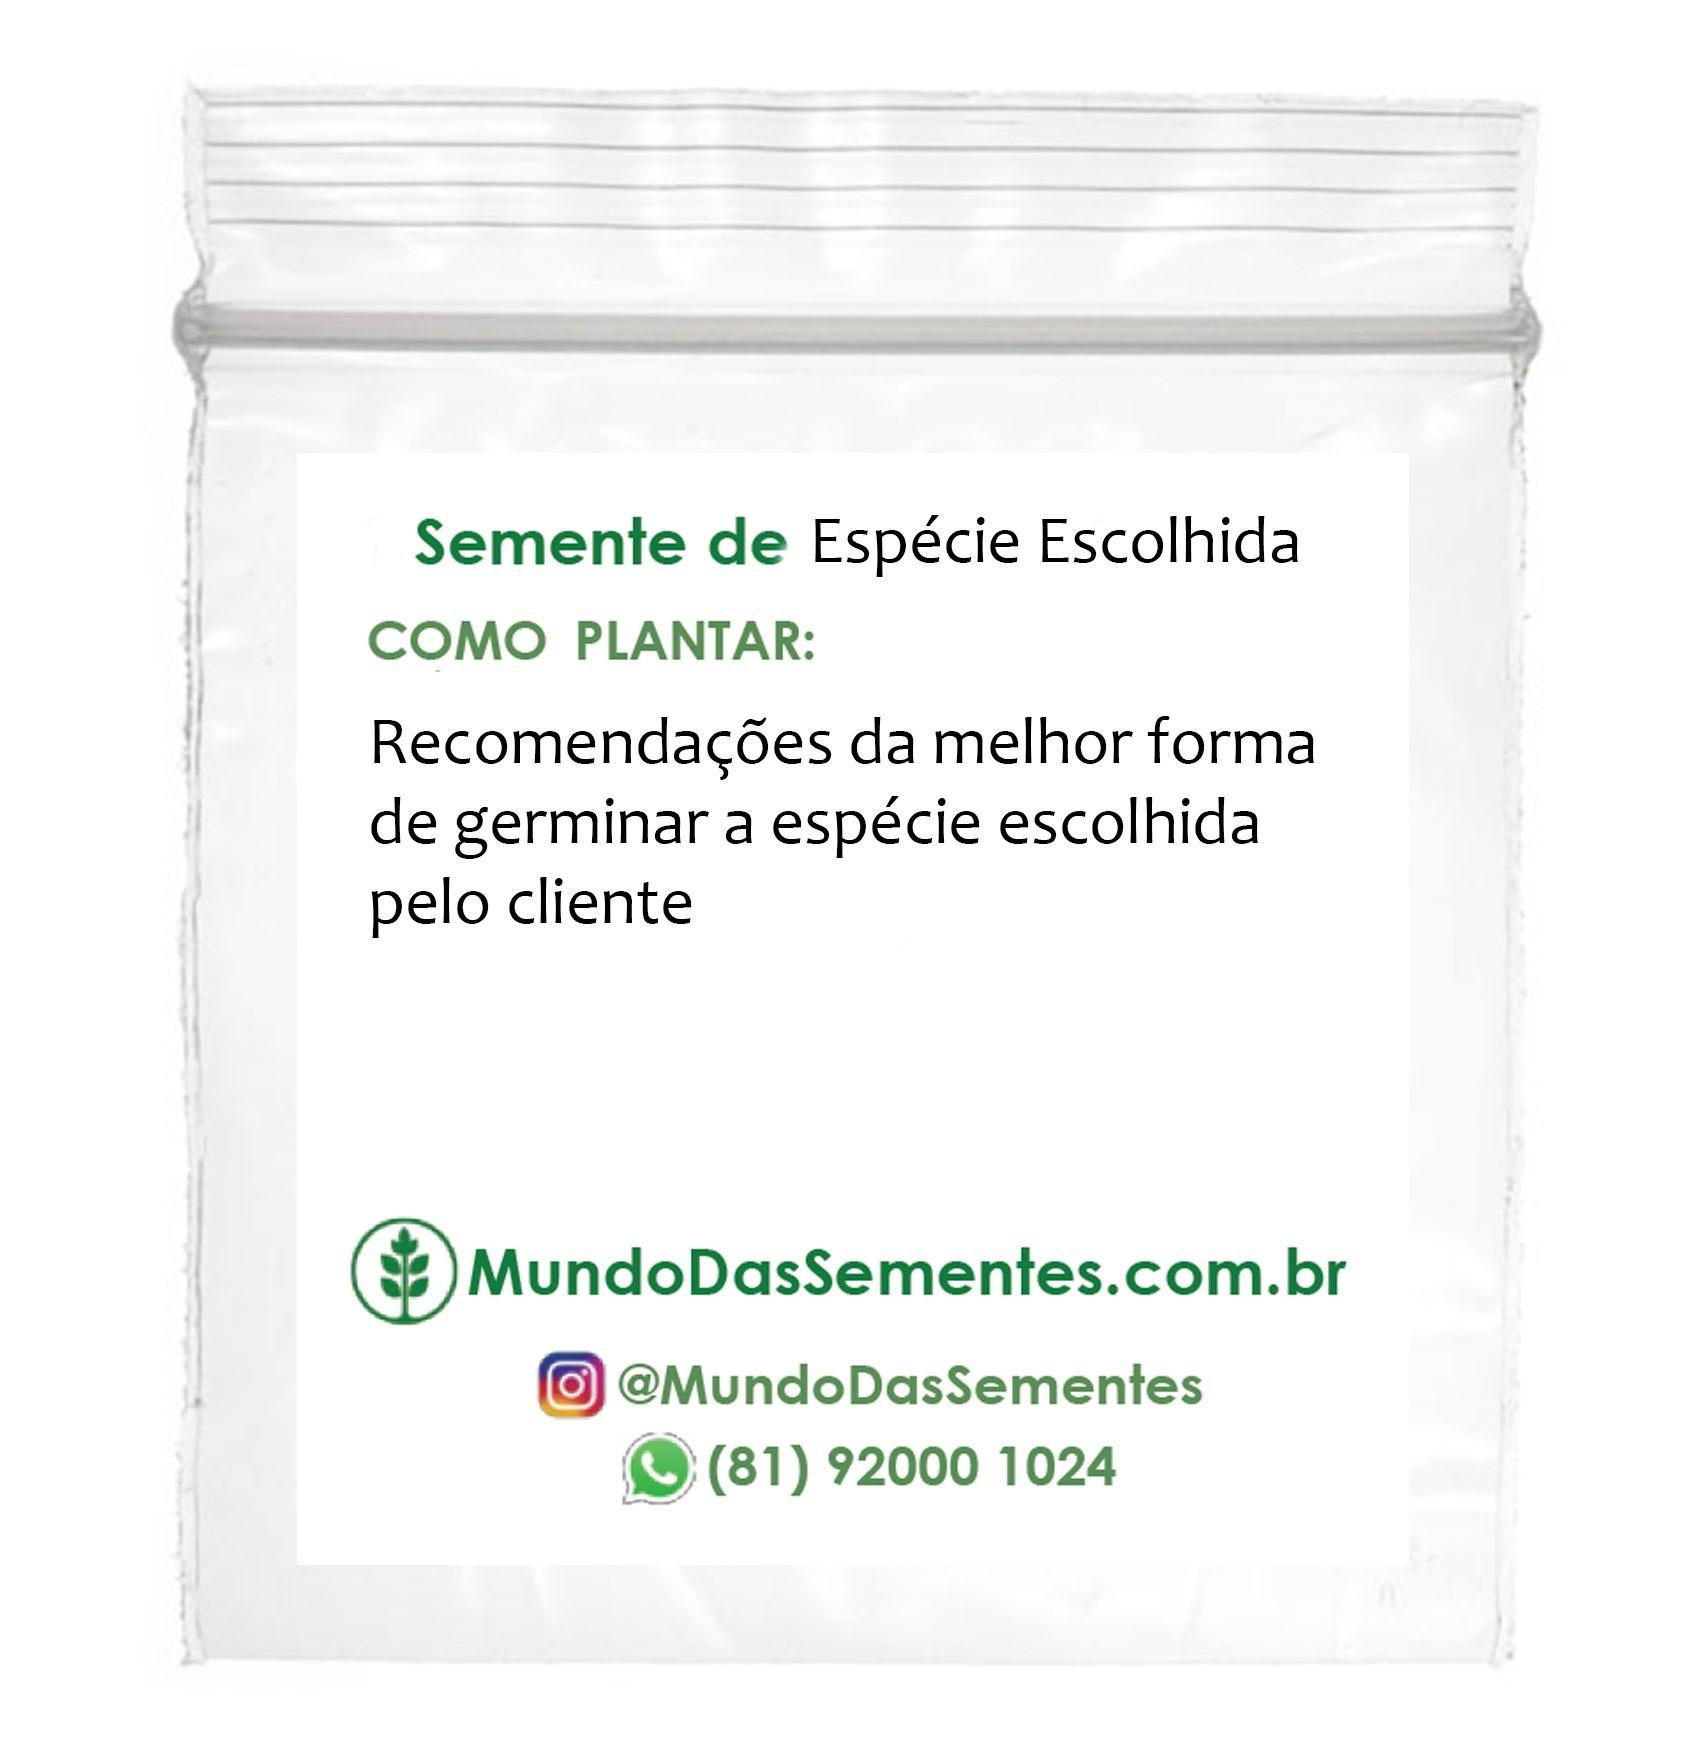 20 Brindes Ecológicos com Sementes – Ziplock 4x4cm com Etiqueta Personalizada - Mundo das Sementes